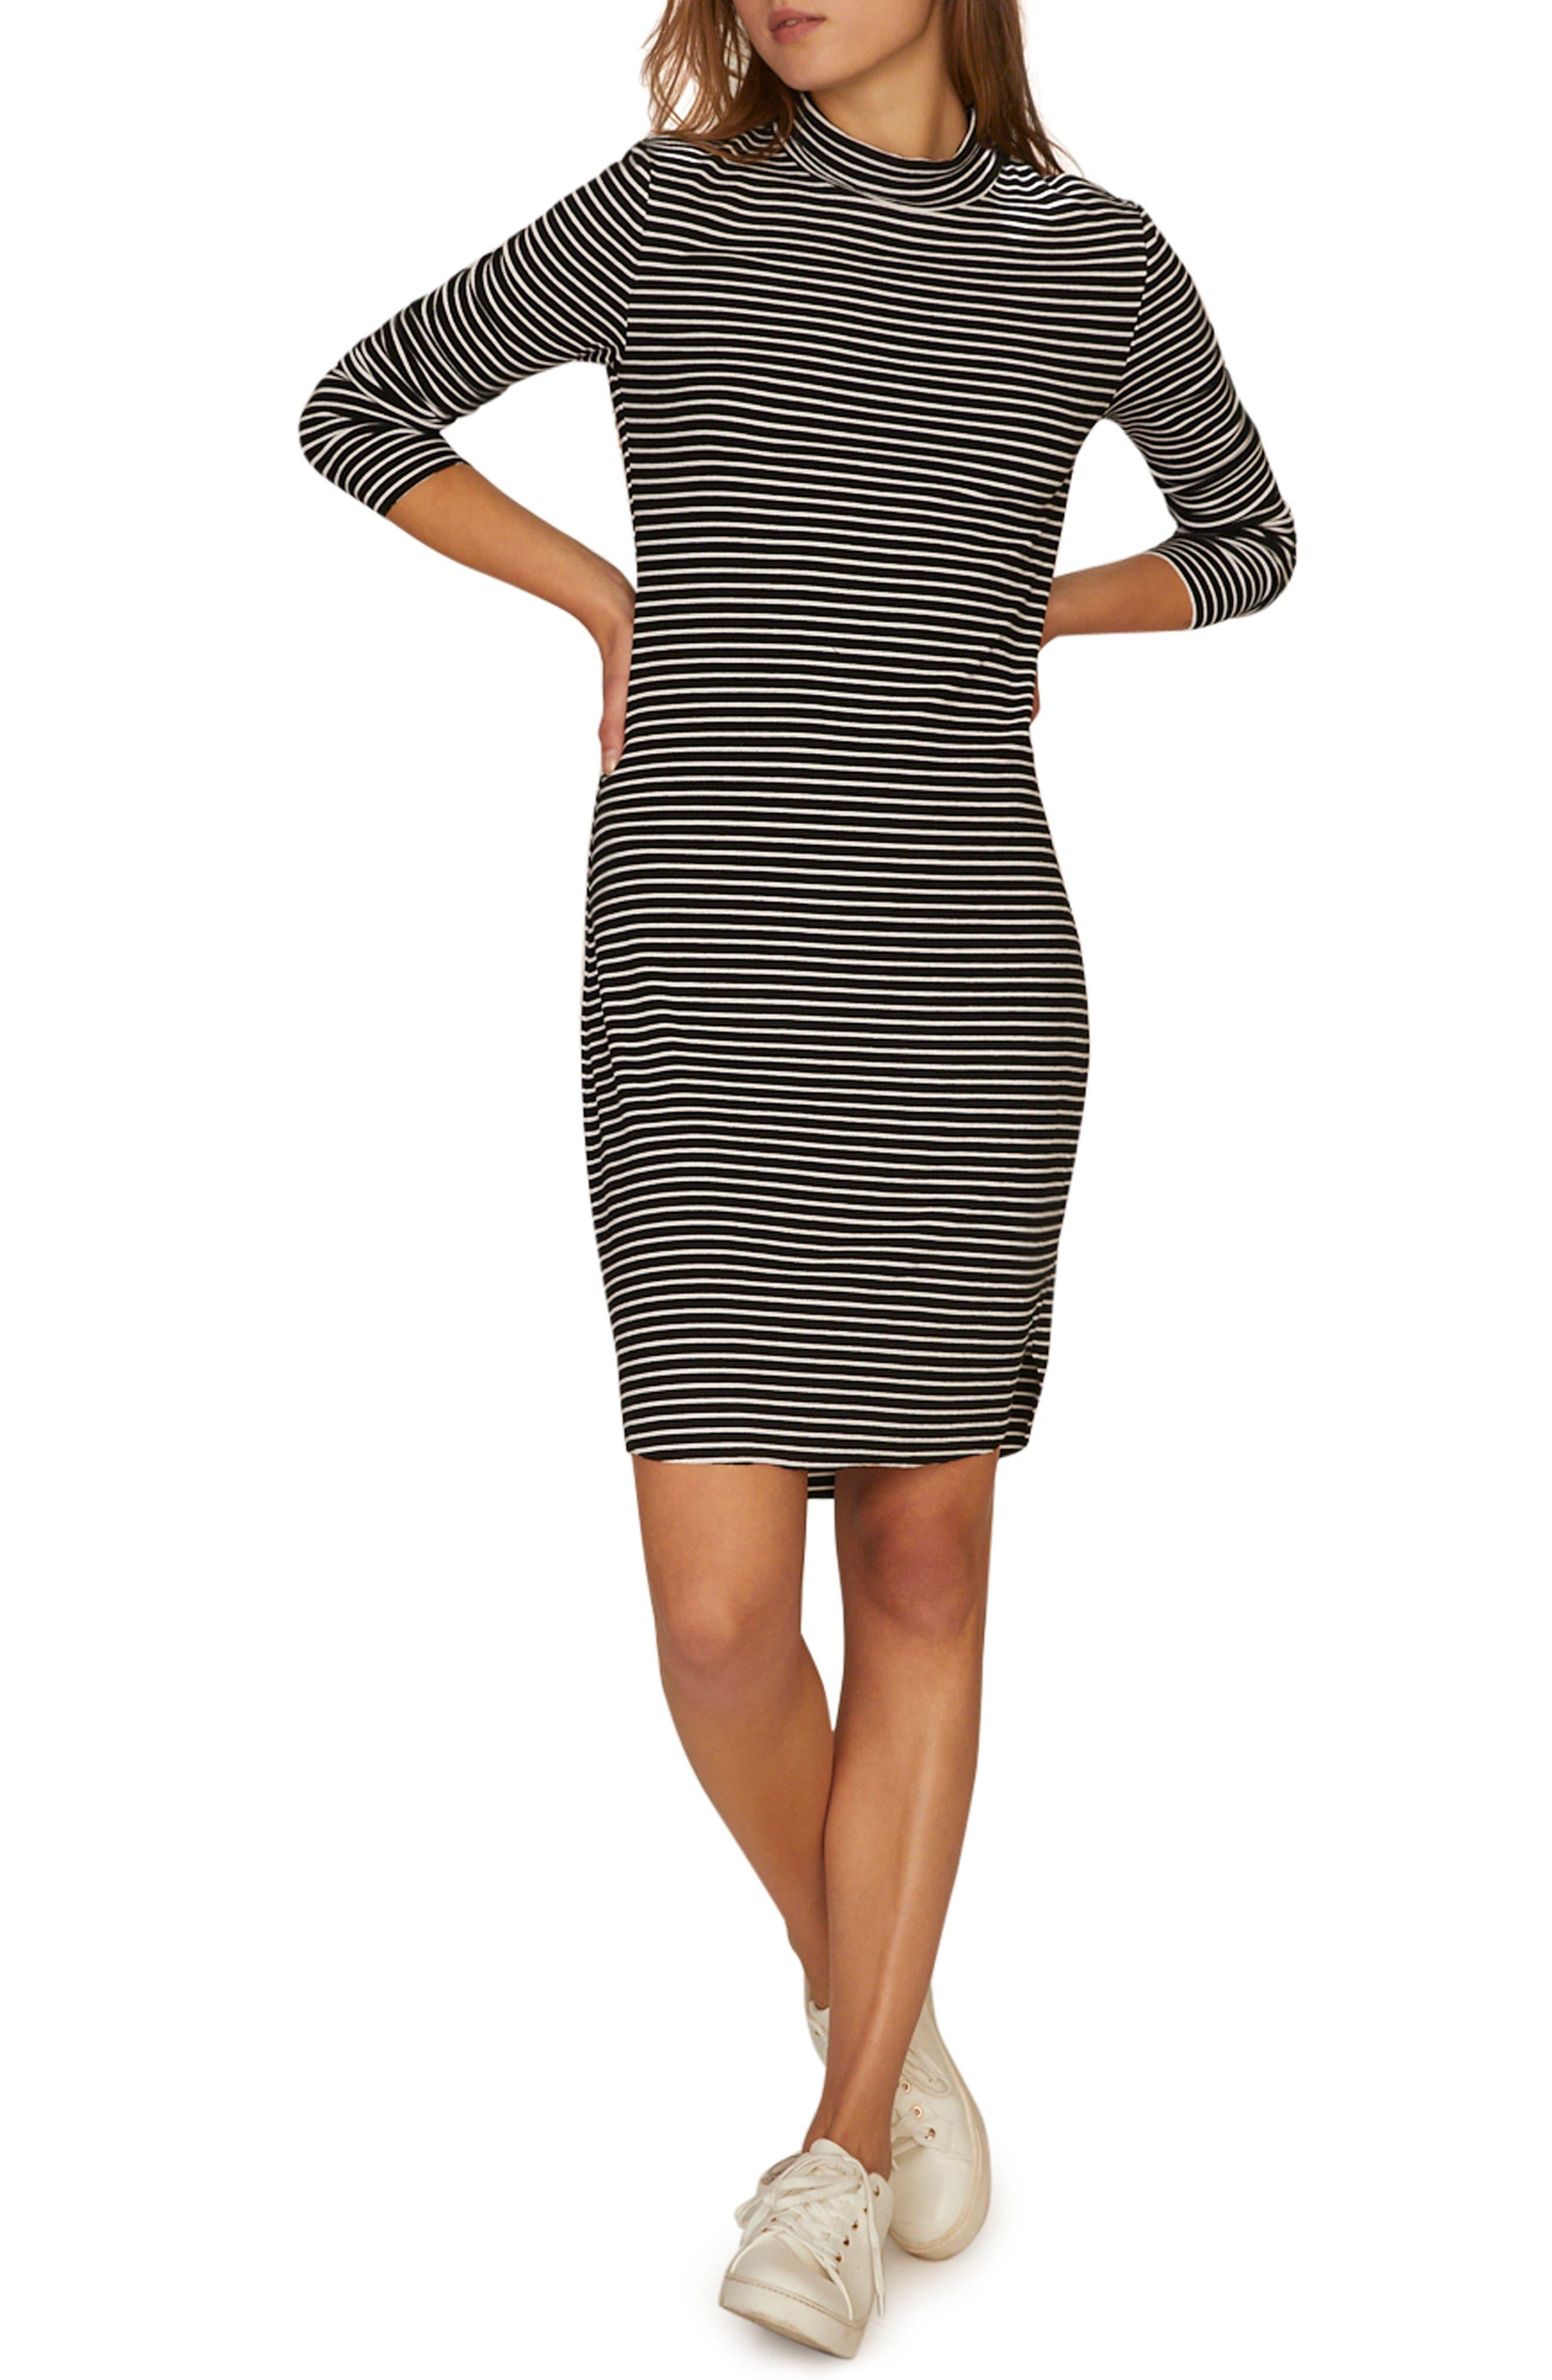 SANCTUARY, Essentials Stripe Mock Neck Dress, Main thumbnail 1, color, CLASSIC STRIPE BLACK